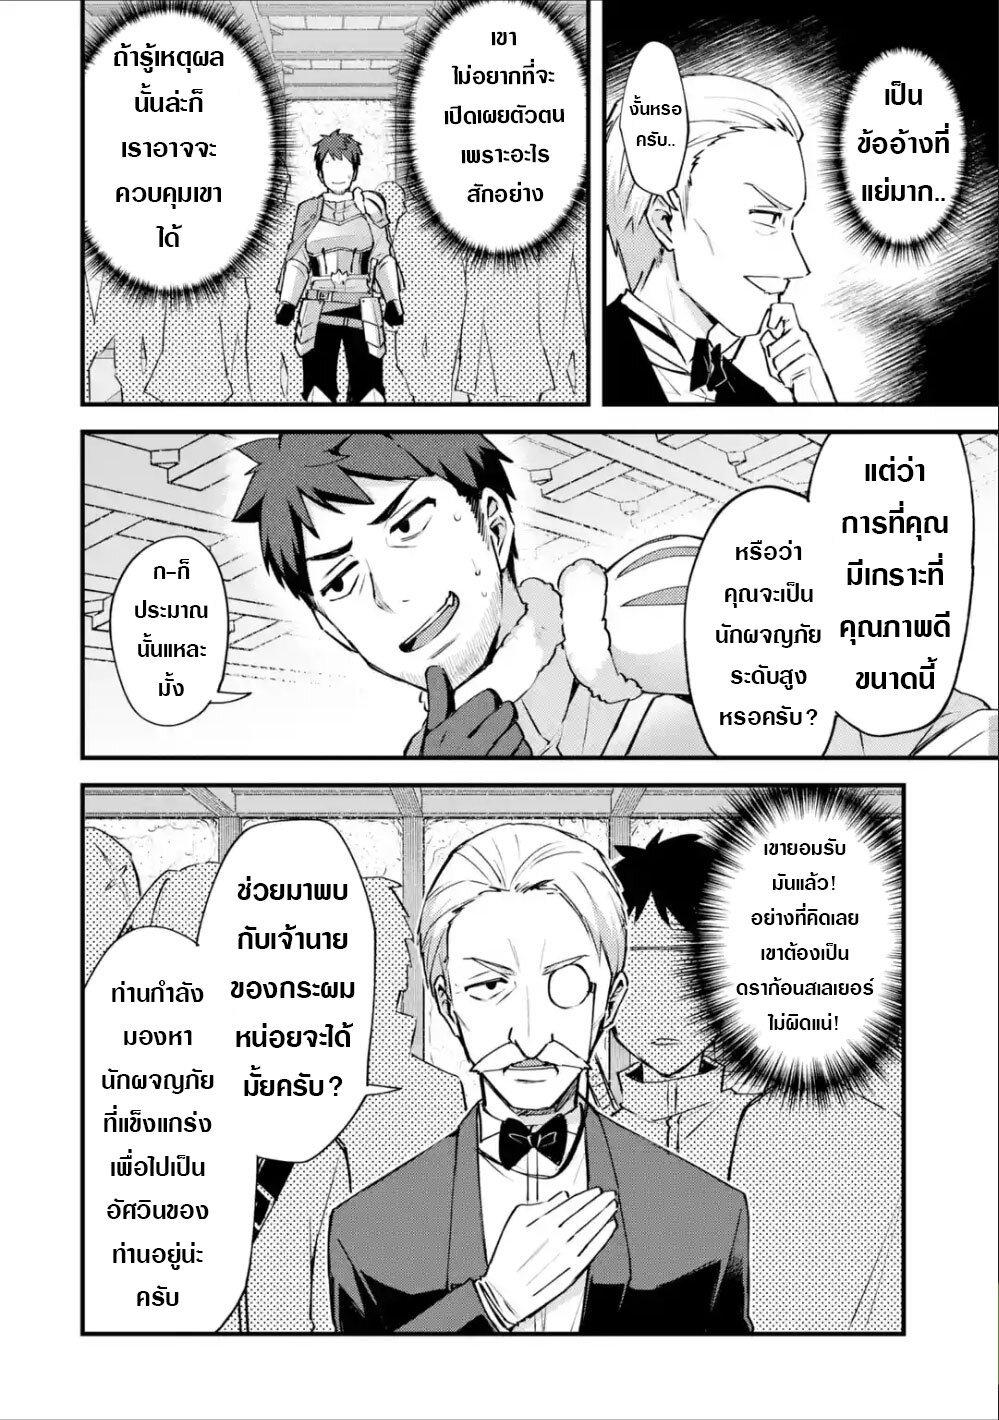 อ่านการ์ตูน Nido Tensei Shita Shounen wa S Rank Boukensha Toshite Heion ni Sugosu-zense ga kenja de eiyuu datta boku wa raisede wa jimini ikiru ตอนที่ 8 หน้าที่ 9